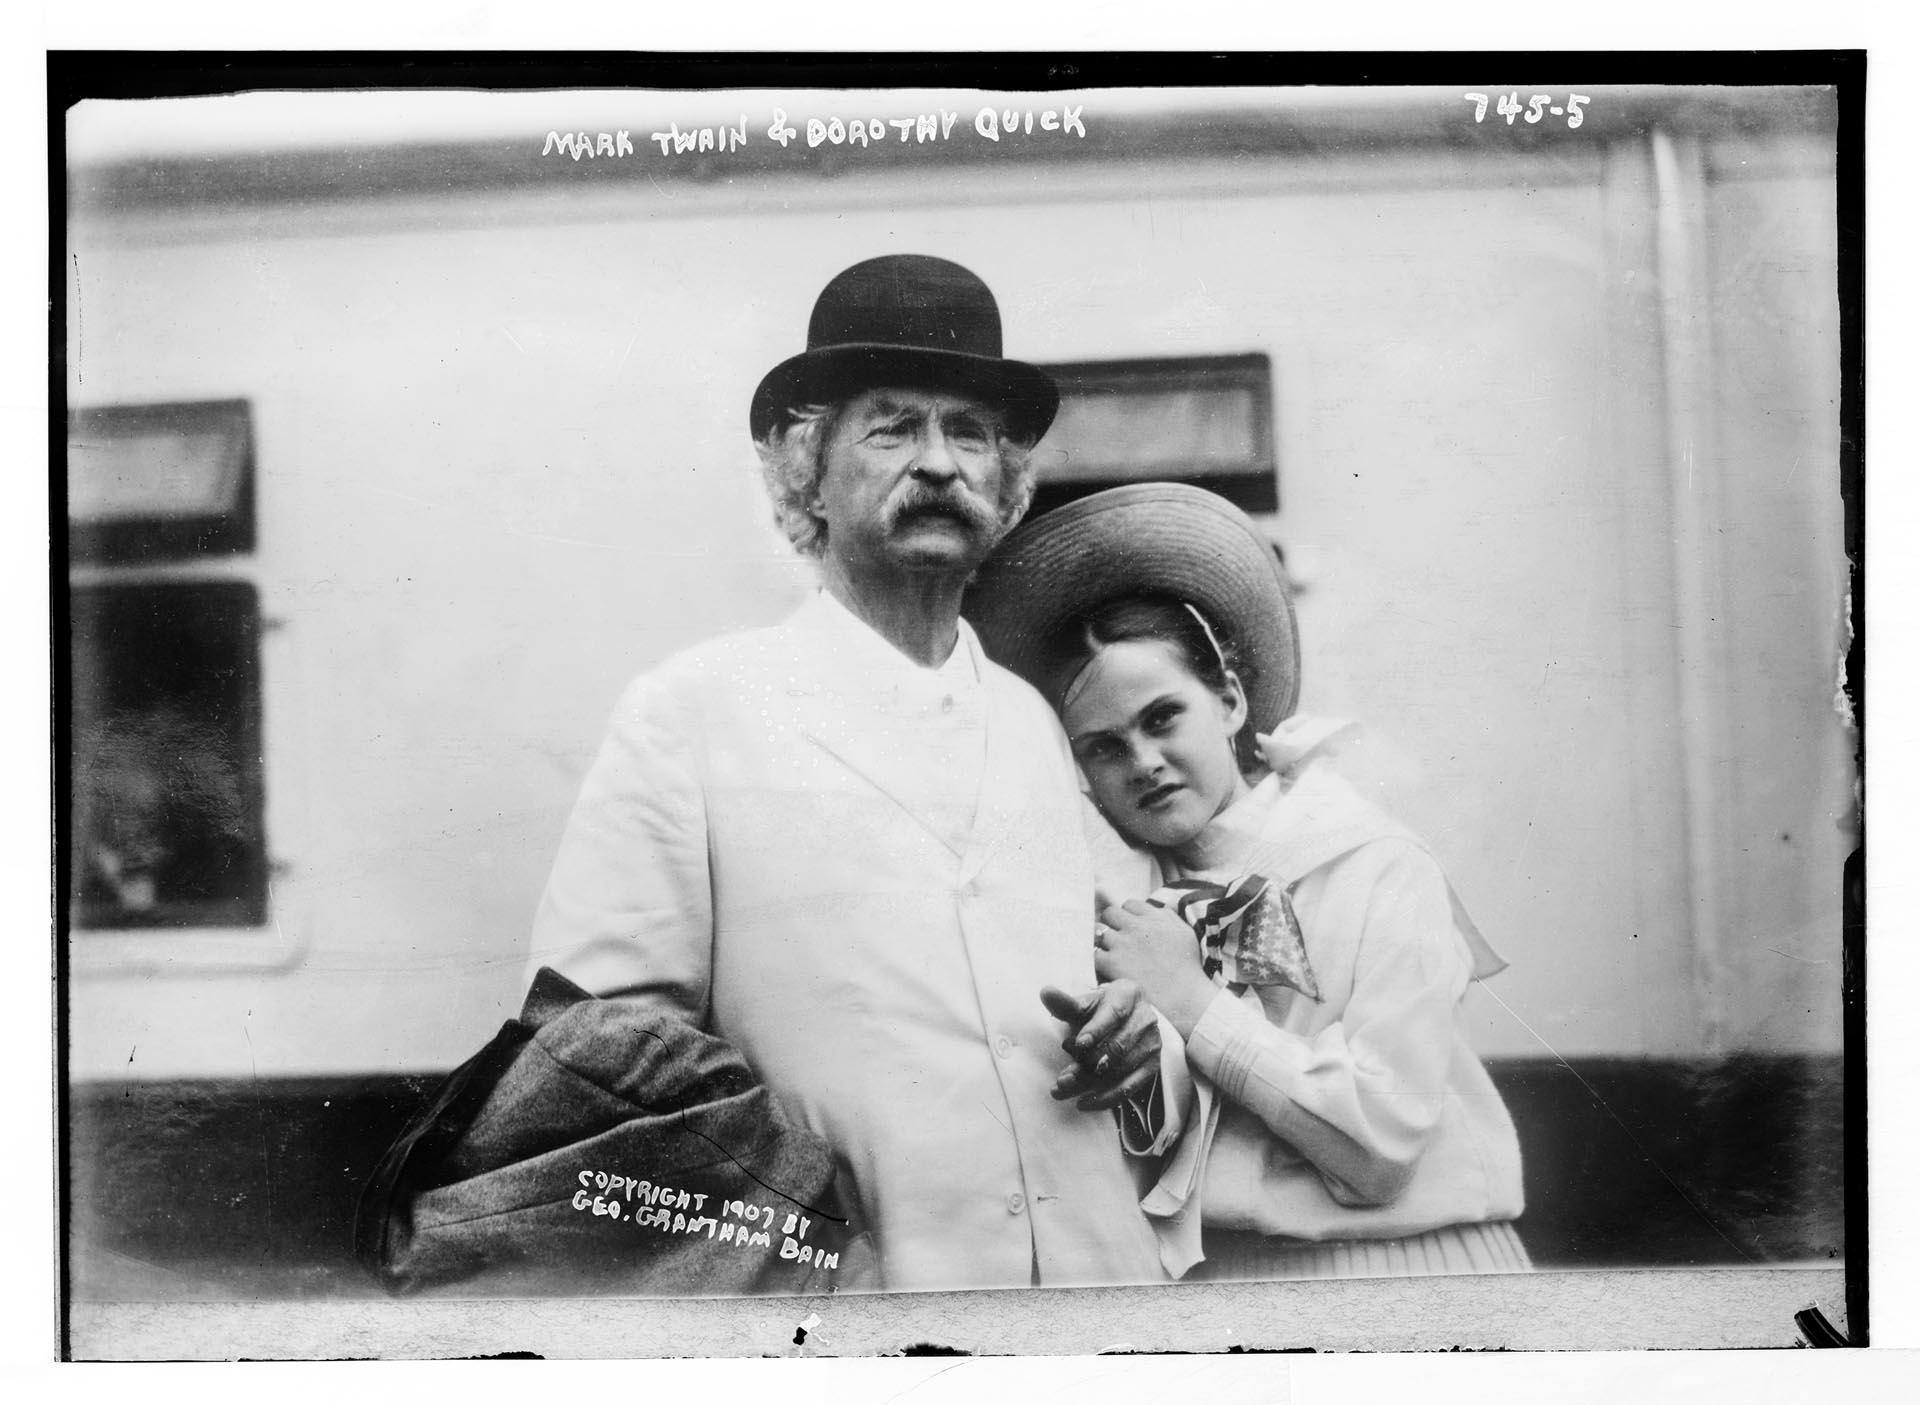 En los últimos años de su vida, Twain comenzó a tener relaciones epistolares y encuentros con niñas y adolescentes. En la foto Dorothy Quick, una de las más famosas, quien escribió un libro sobre la experiencia